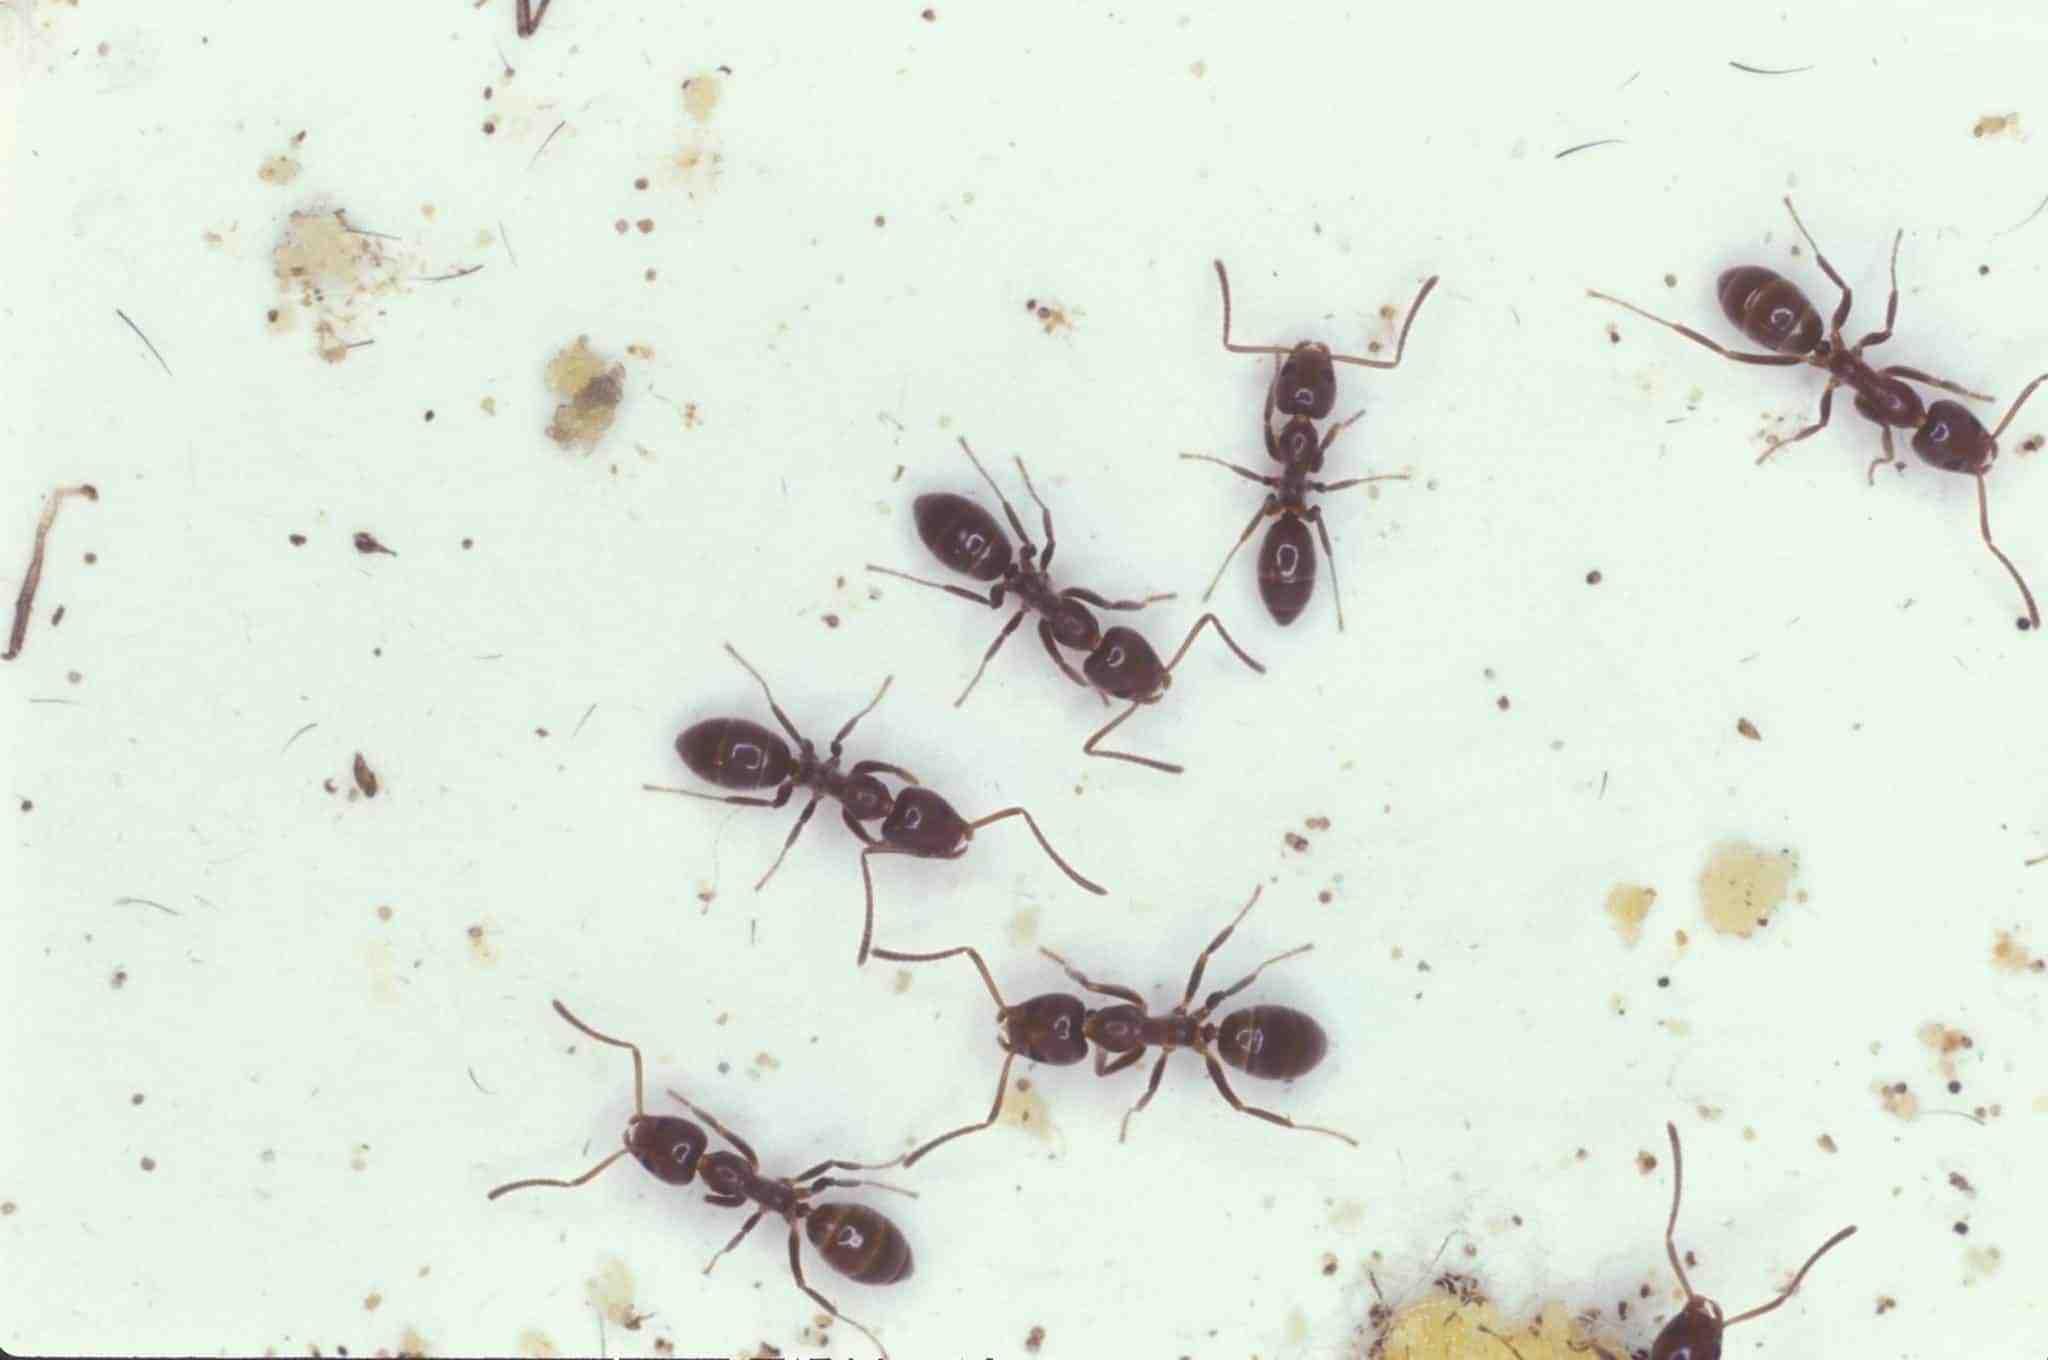 Comment se débarrasser des fourmis sur mon terrain ?